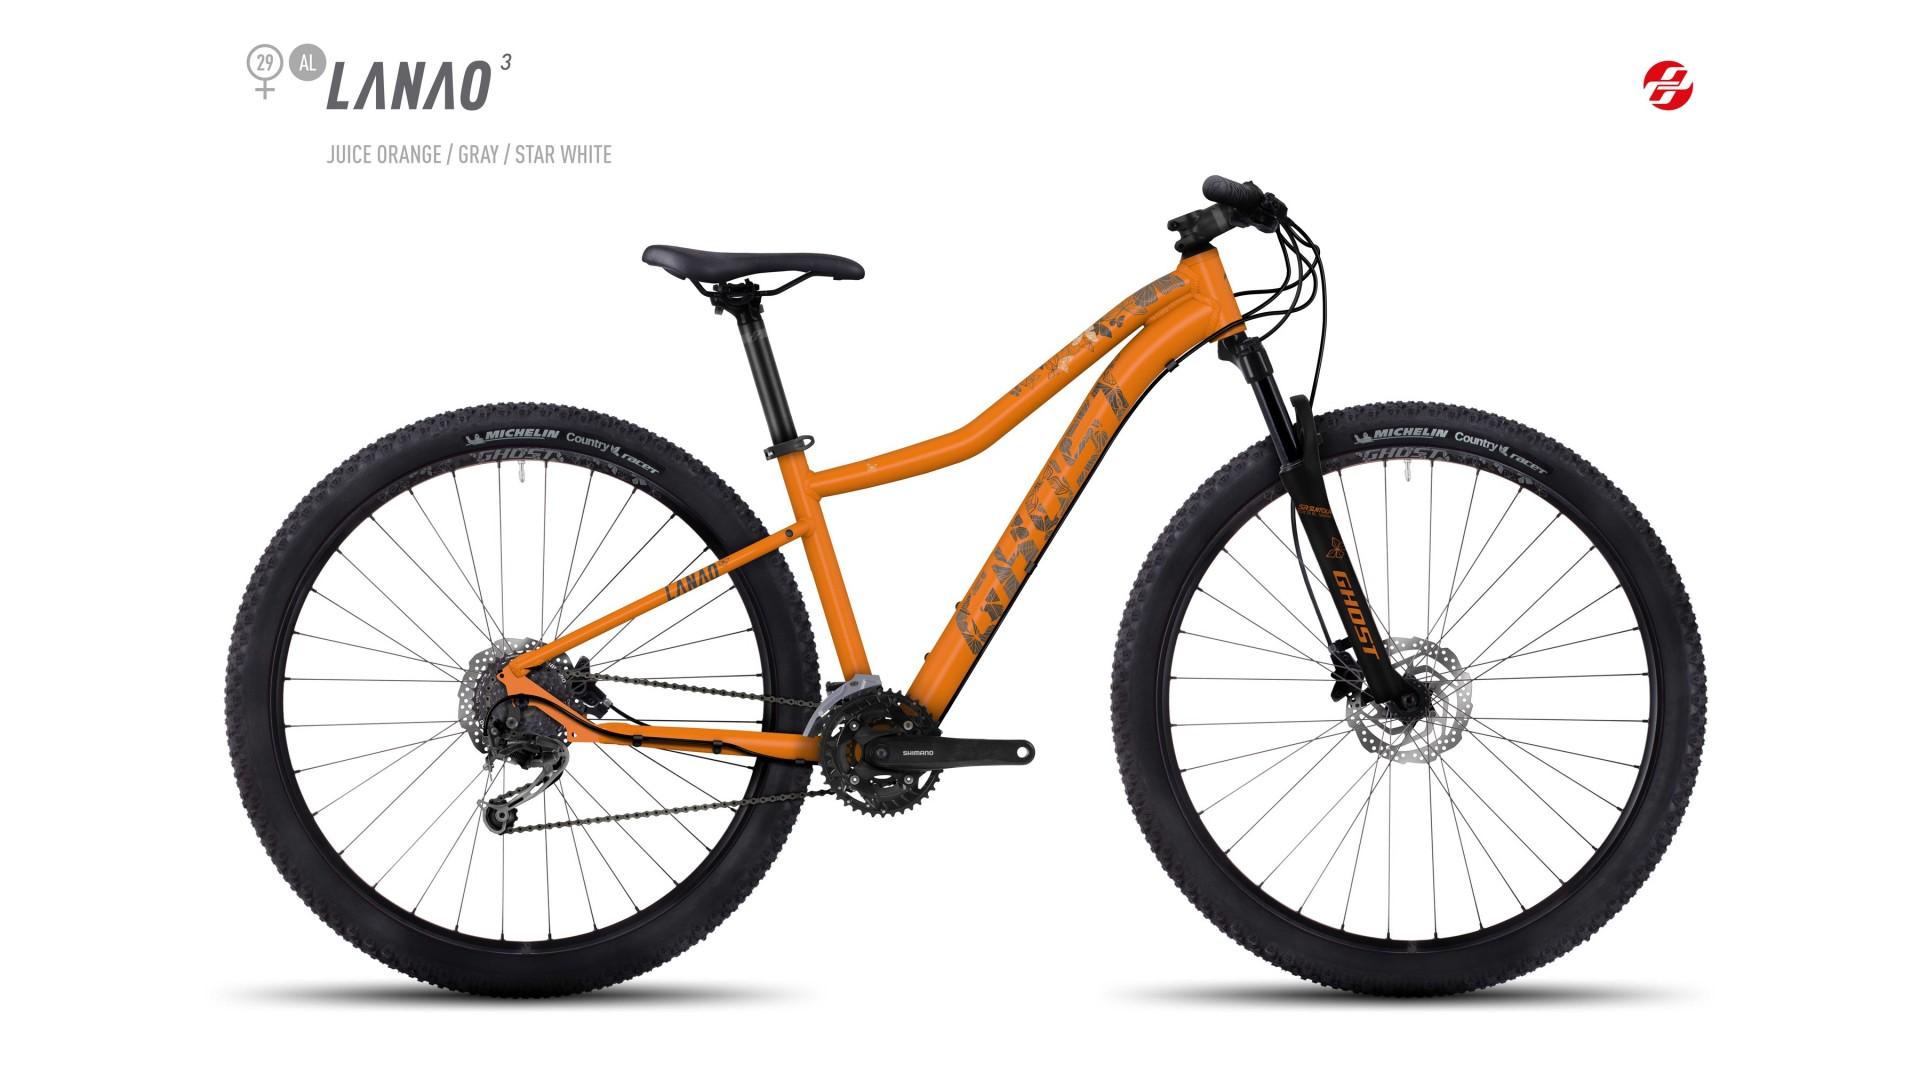 Велосипед GHOST Lanao 3 AL 29 juiceorange/grey/starwhite год 2017